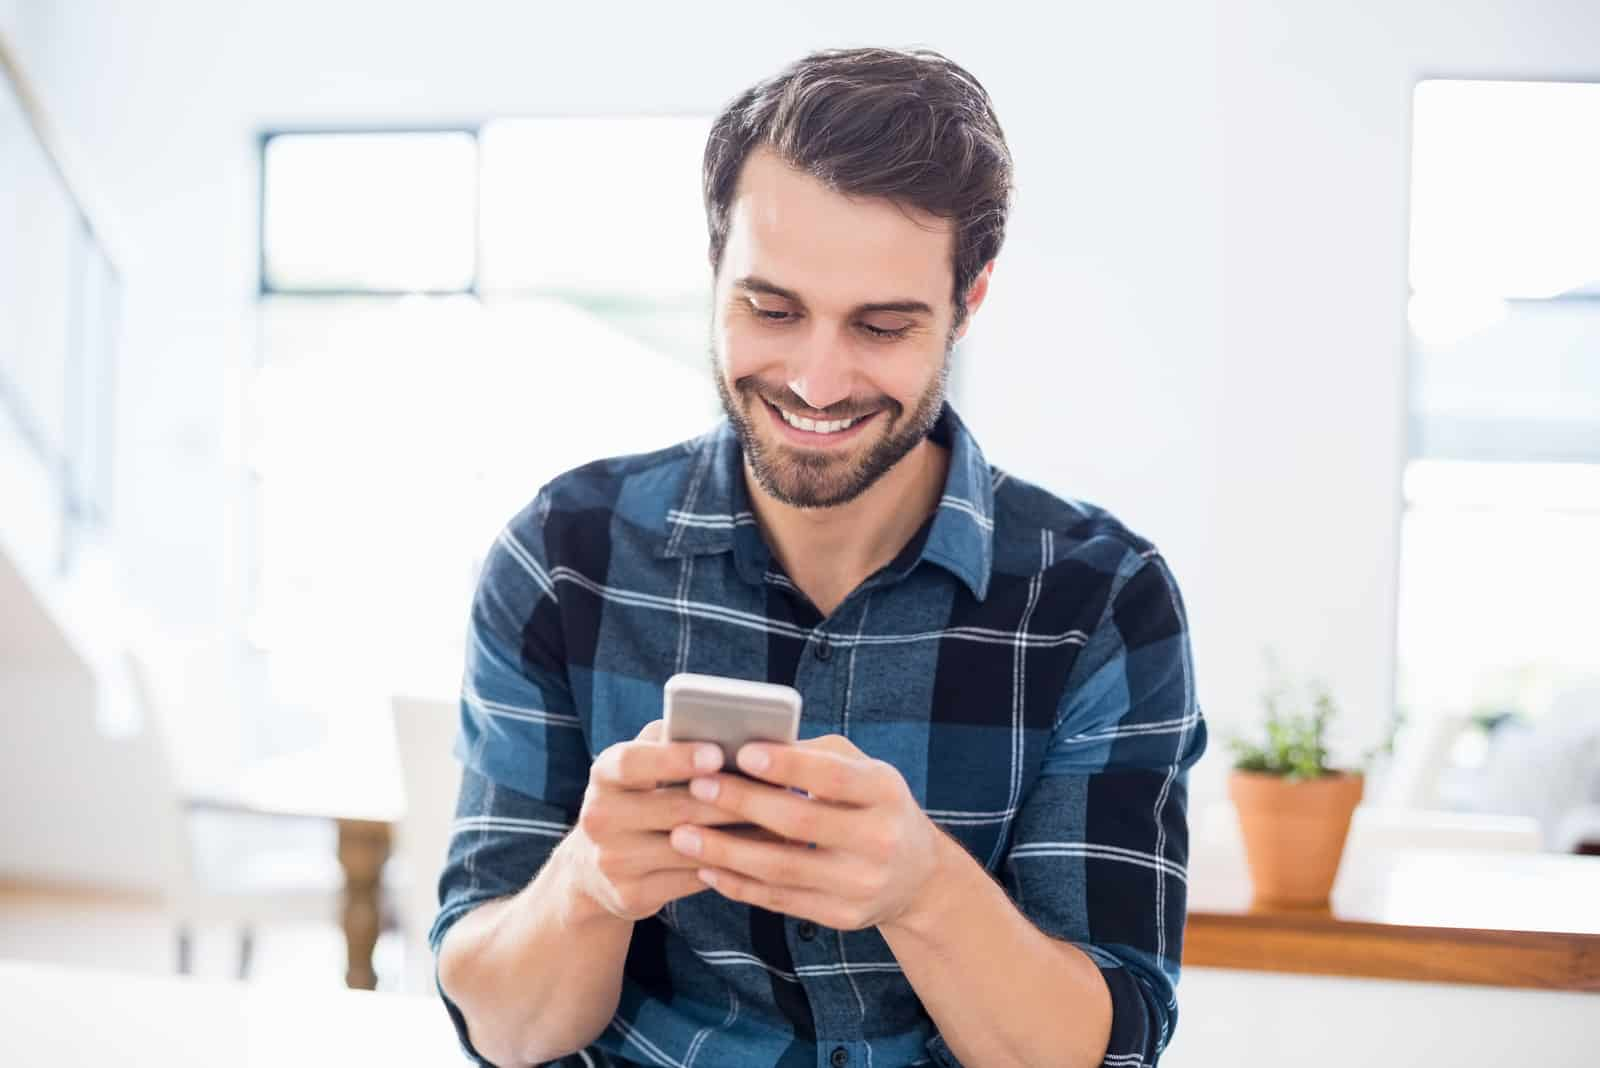 Homme souriant utilisant son téléphone